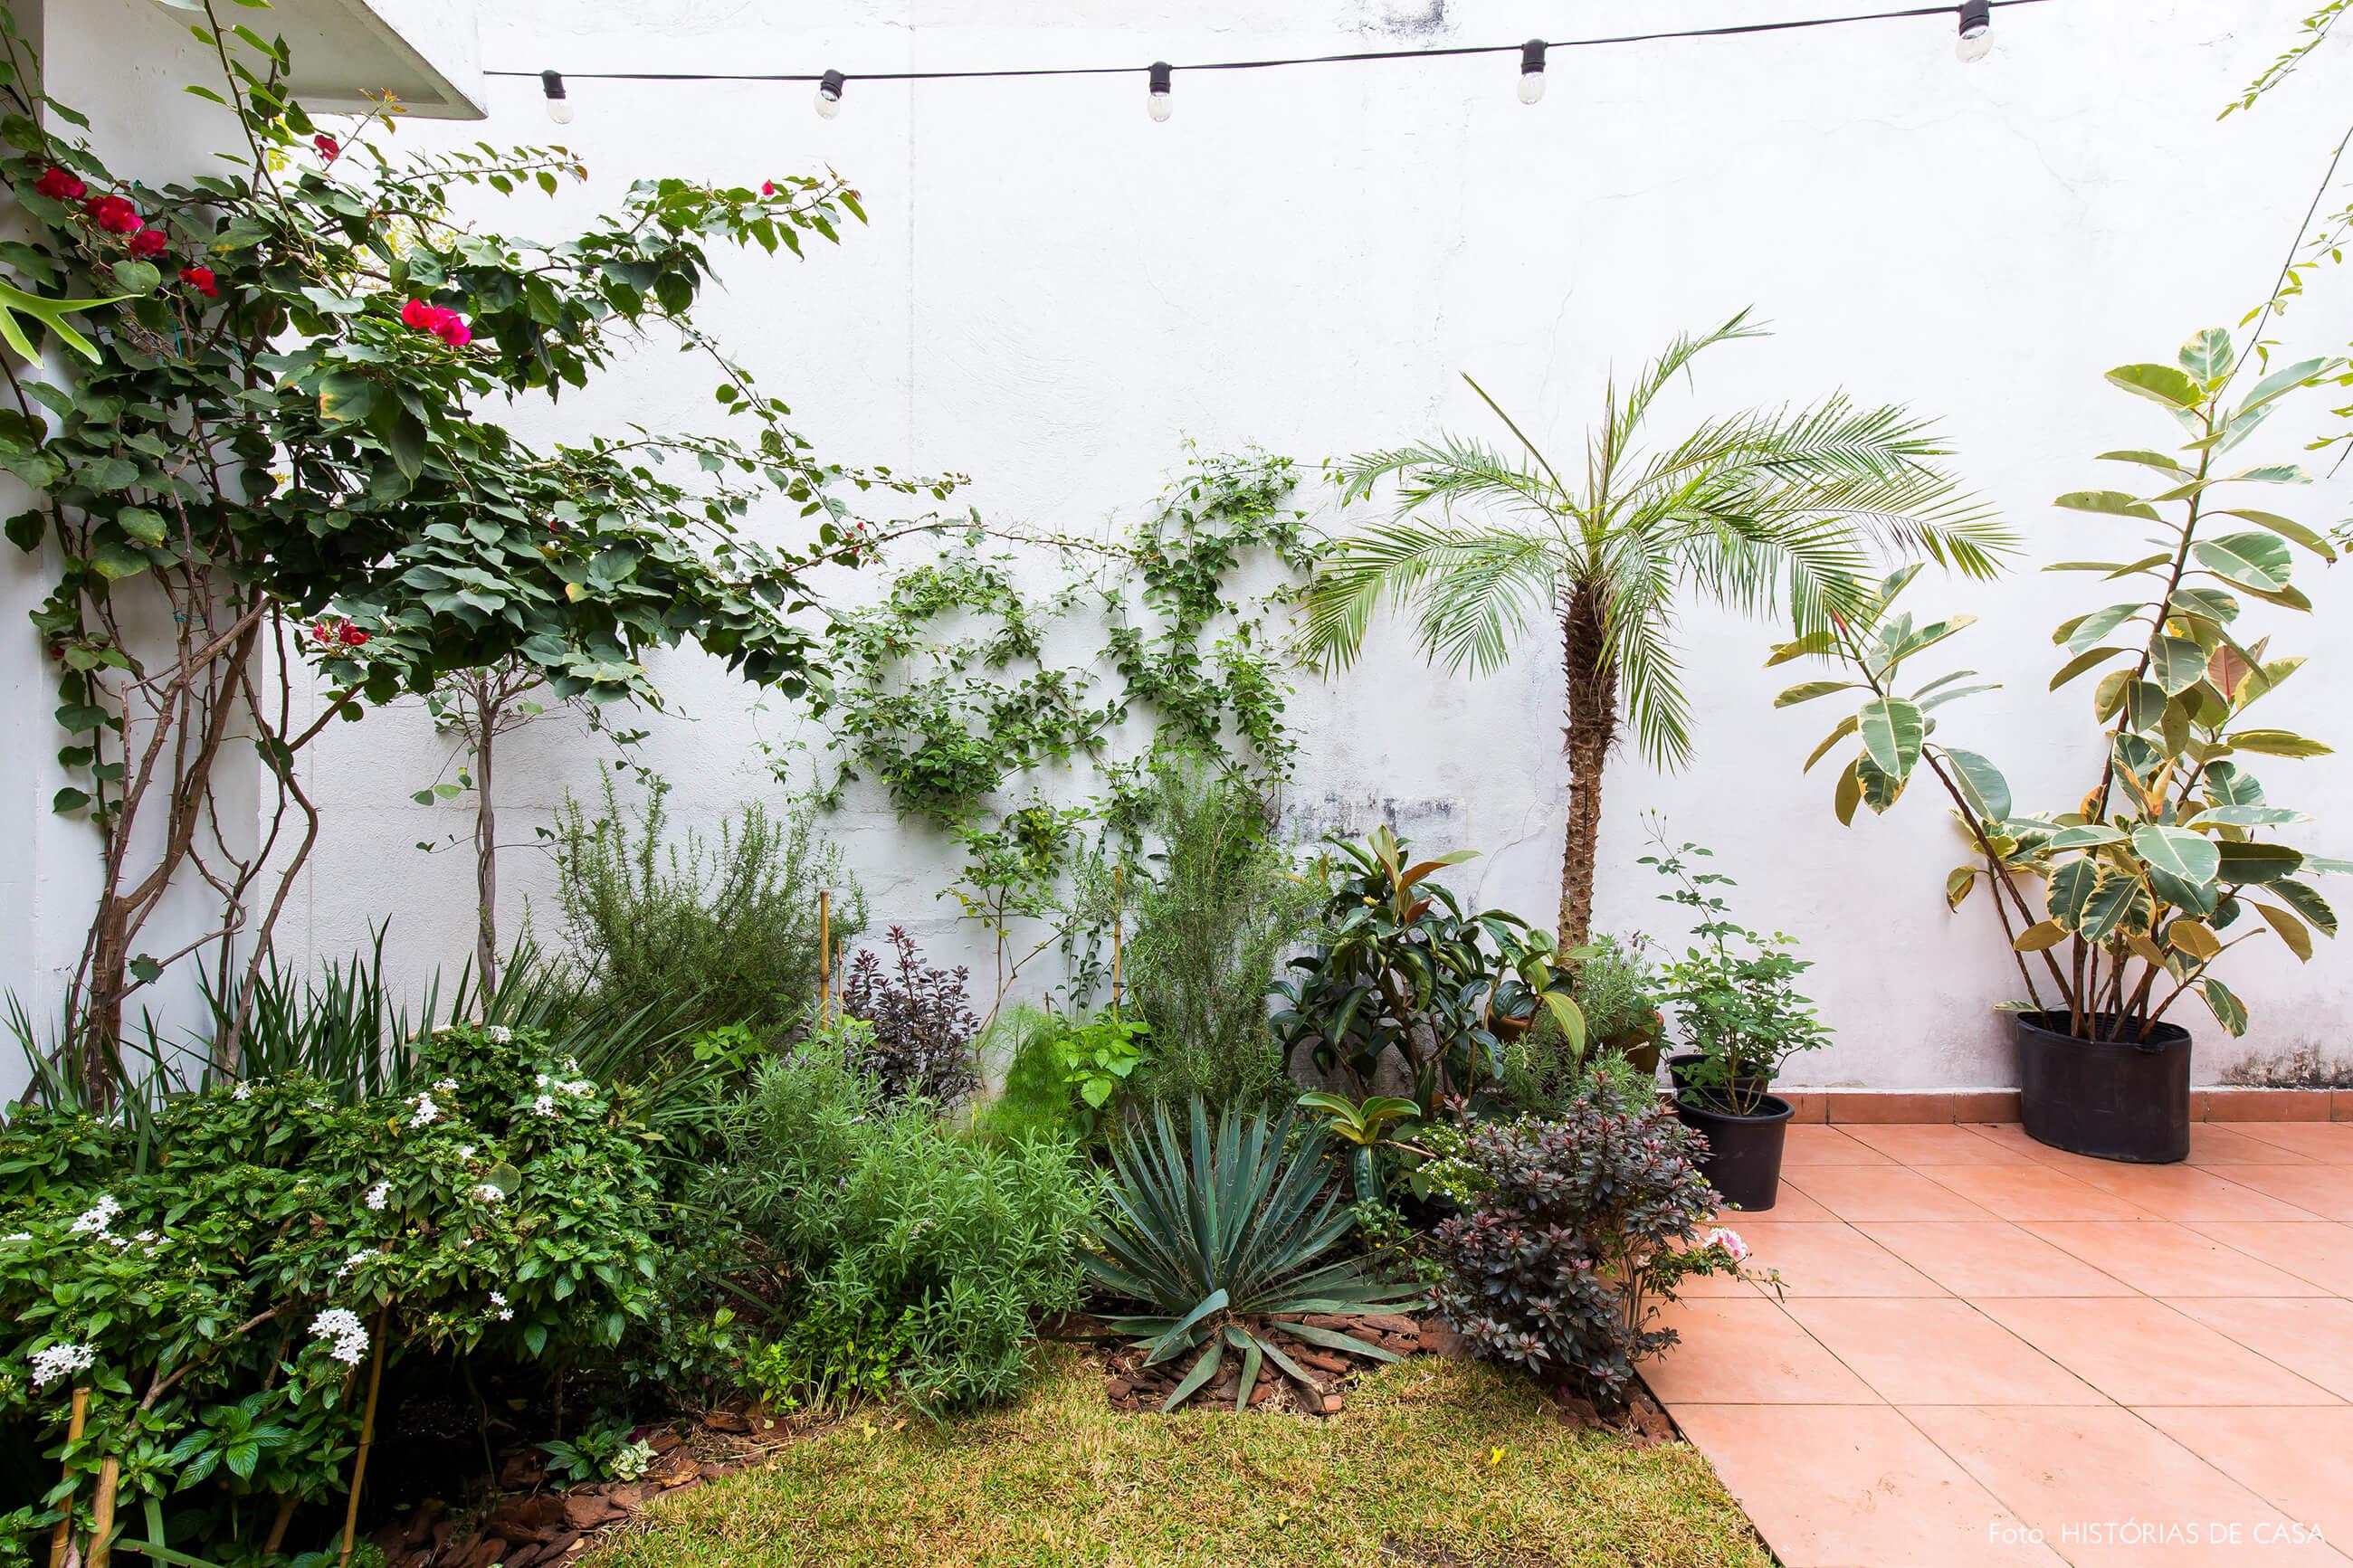 Casa com jardim dos fundos com ervas e temperos